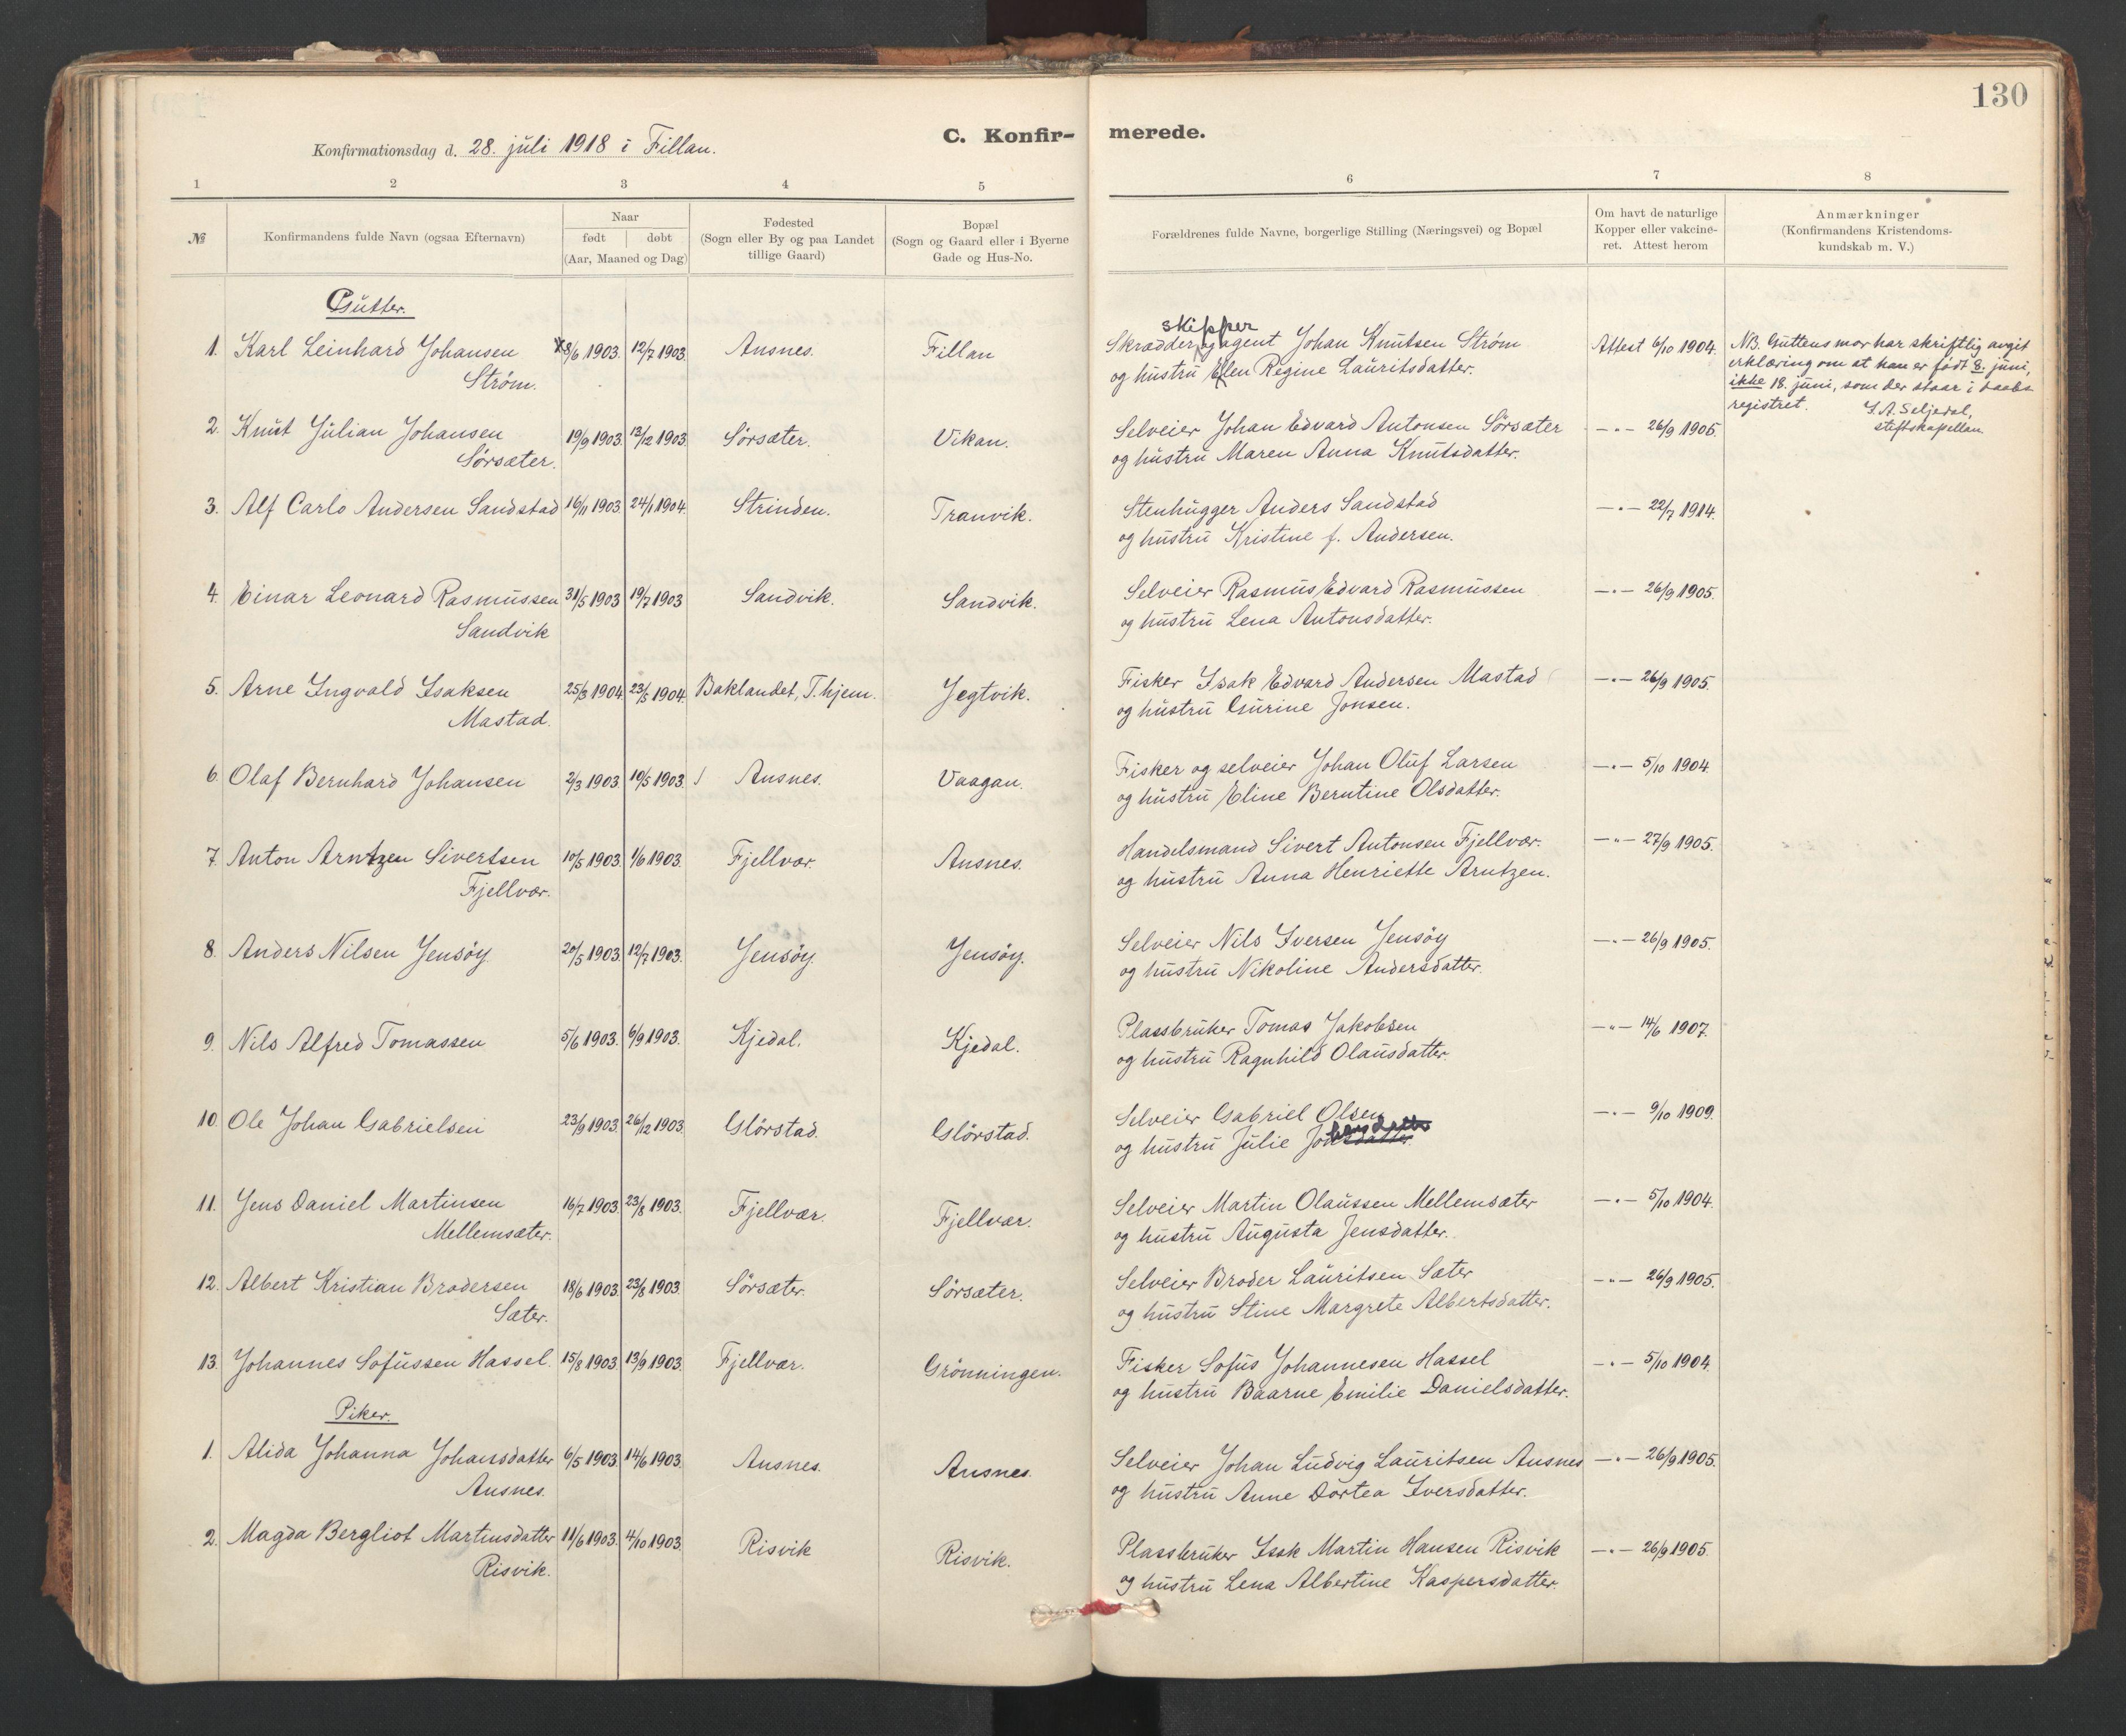 SAT, Ministerialprotokoller, klokkerbøker og fødselsregistre - Sør-Trøndelag, 637/L0559: Ministerialbok nr. 637A02, 1899-1923, s. 130